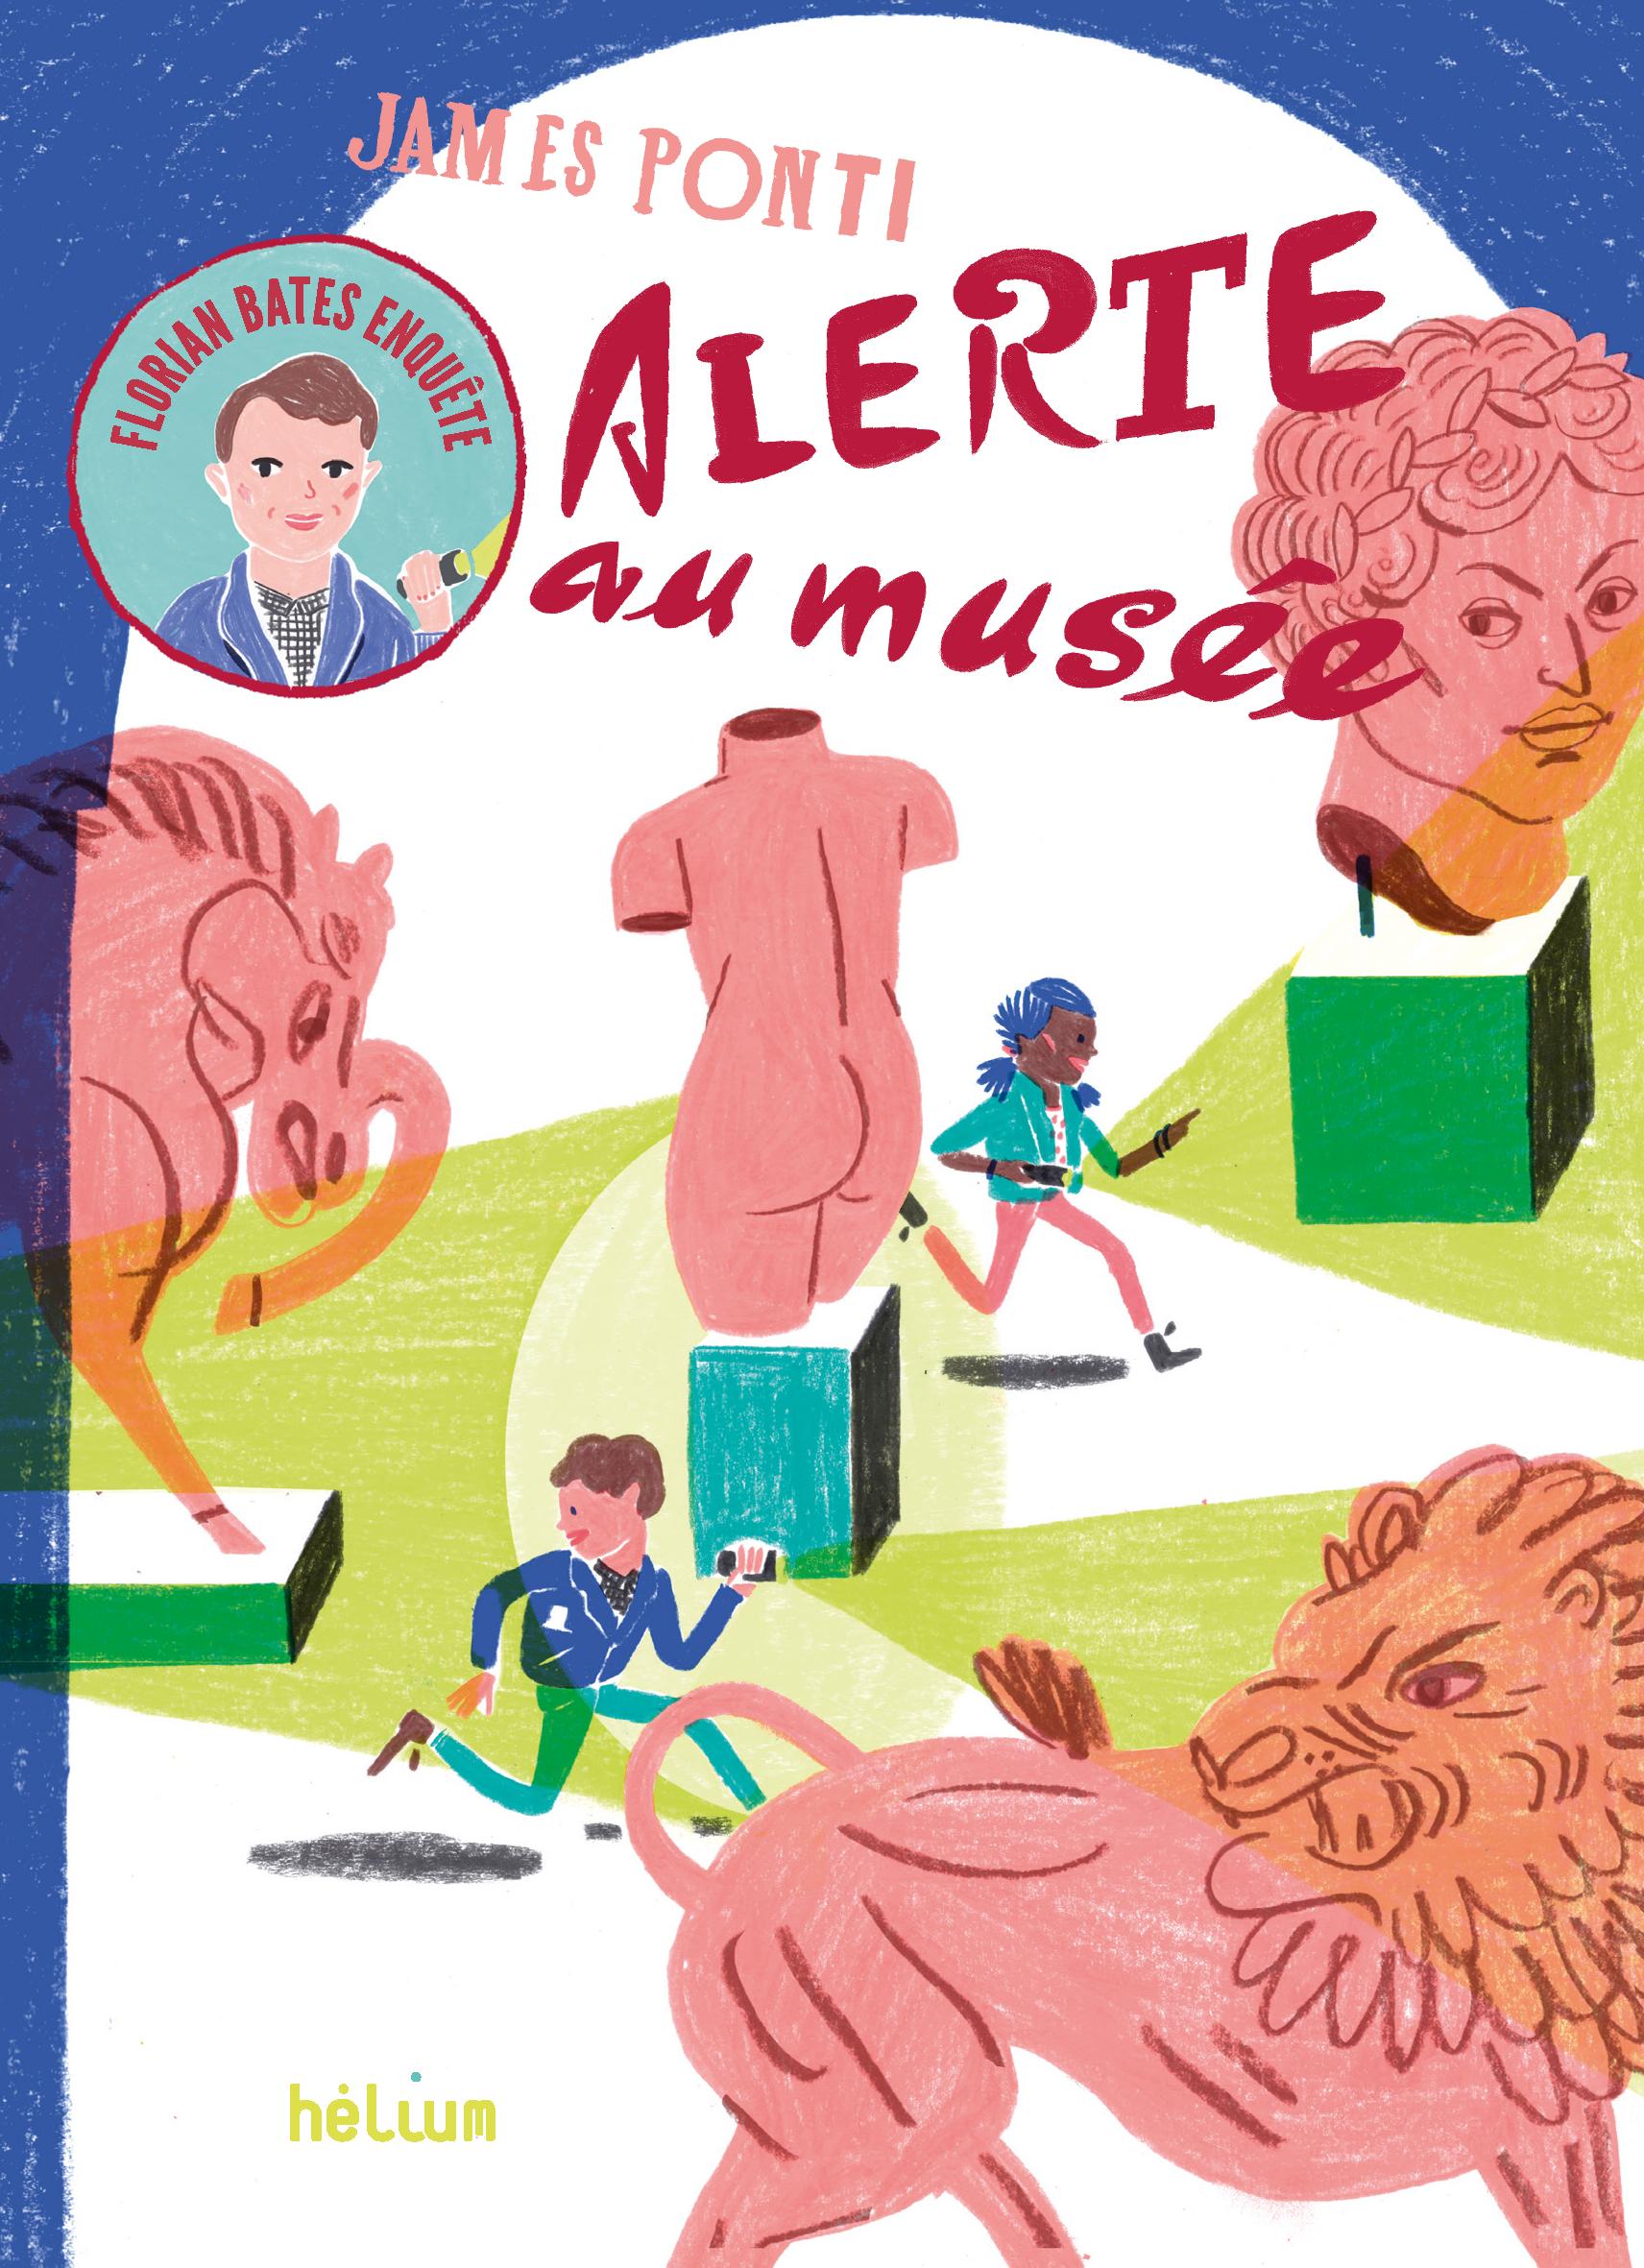 Florian Bates enquête, Alerte au musée | Ponti, James